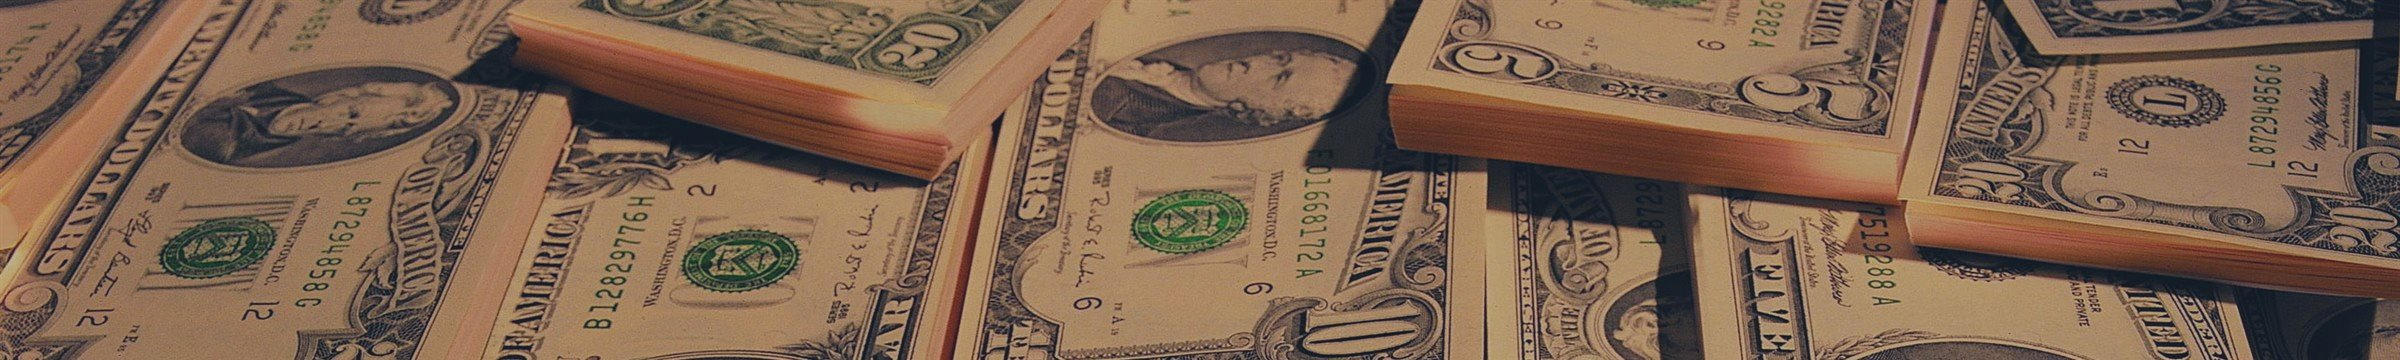 Из-за падения фондовых индексов богатейшие люди мира потеряли $114 млрд за день